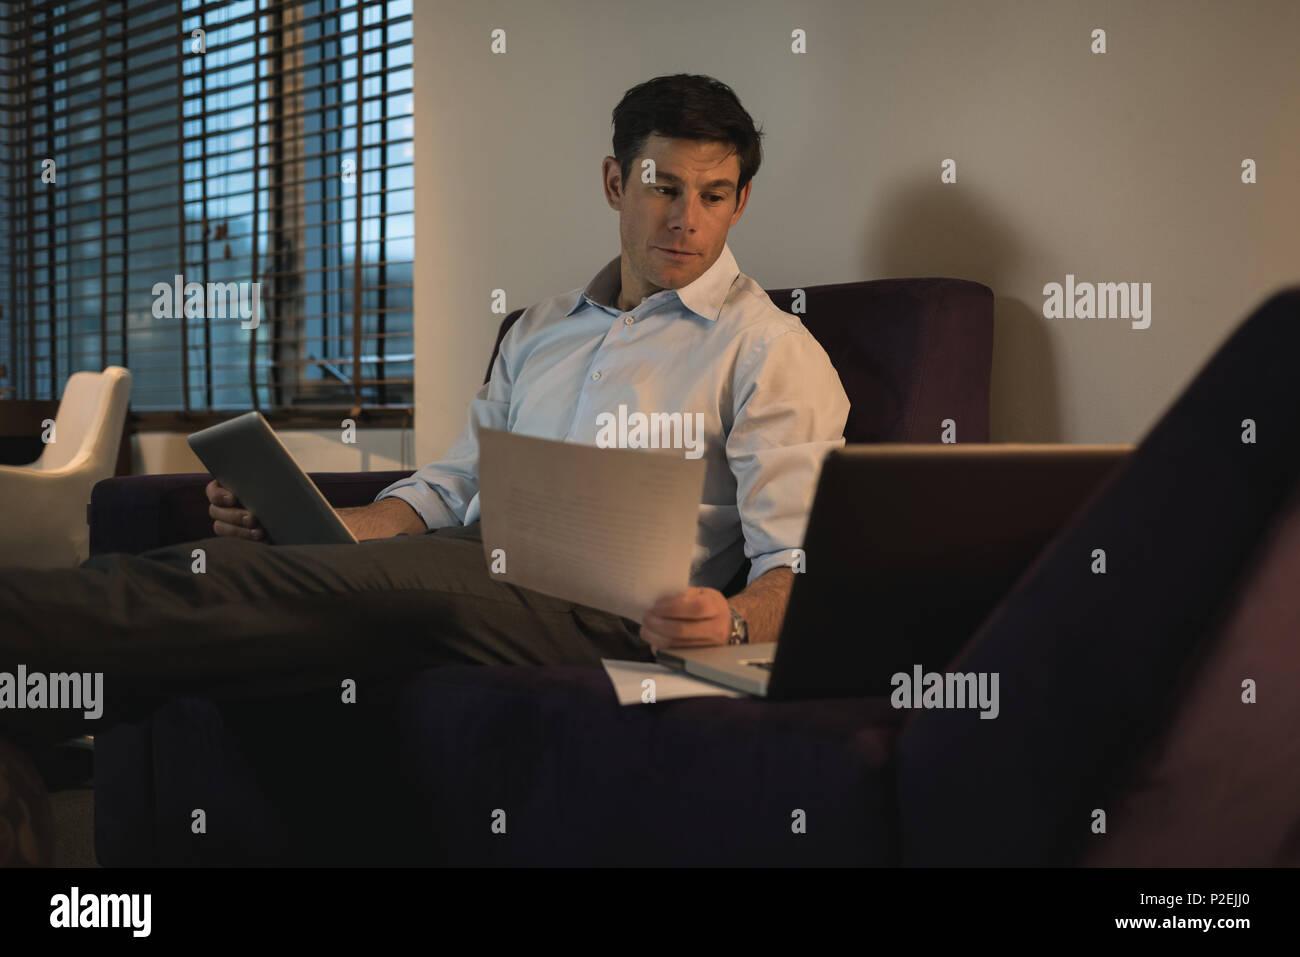 Business man la verifica dei documenti mentre si usa tavoletta digitale Immagini Stock